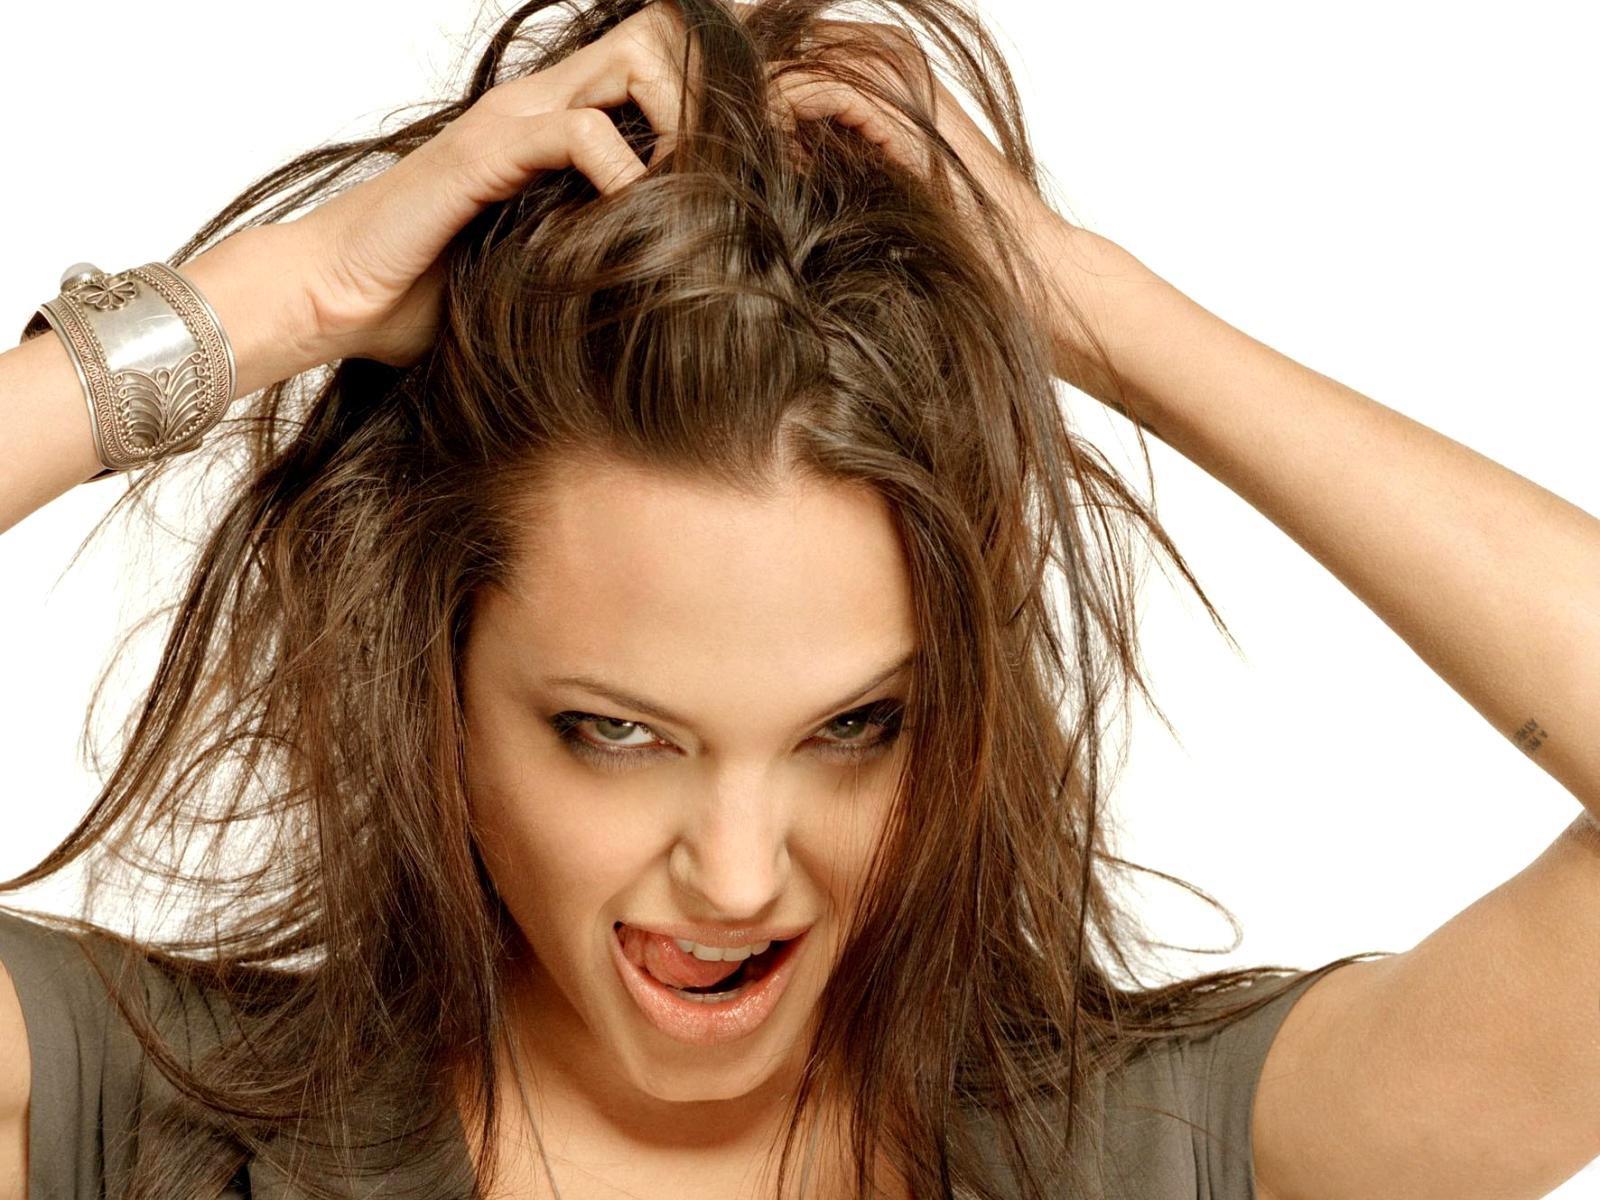 У девушки неопрятные волосы